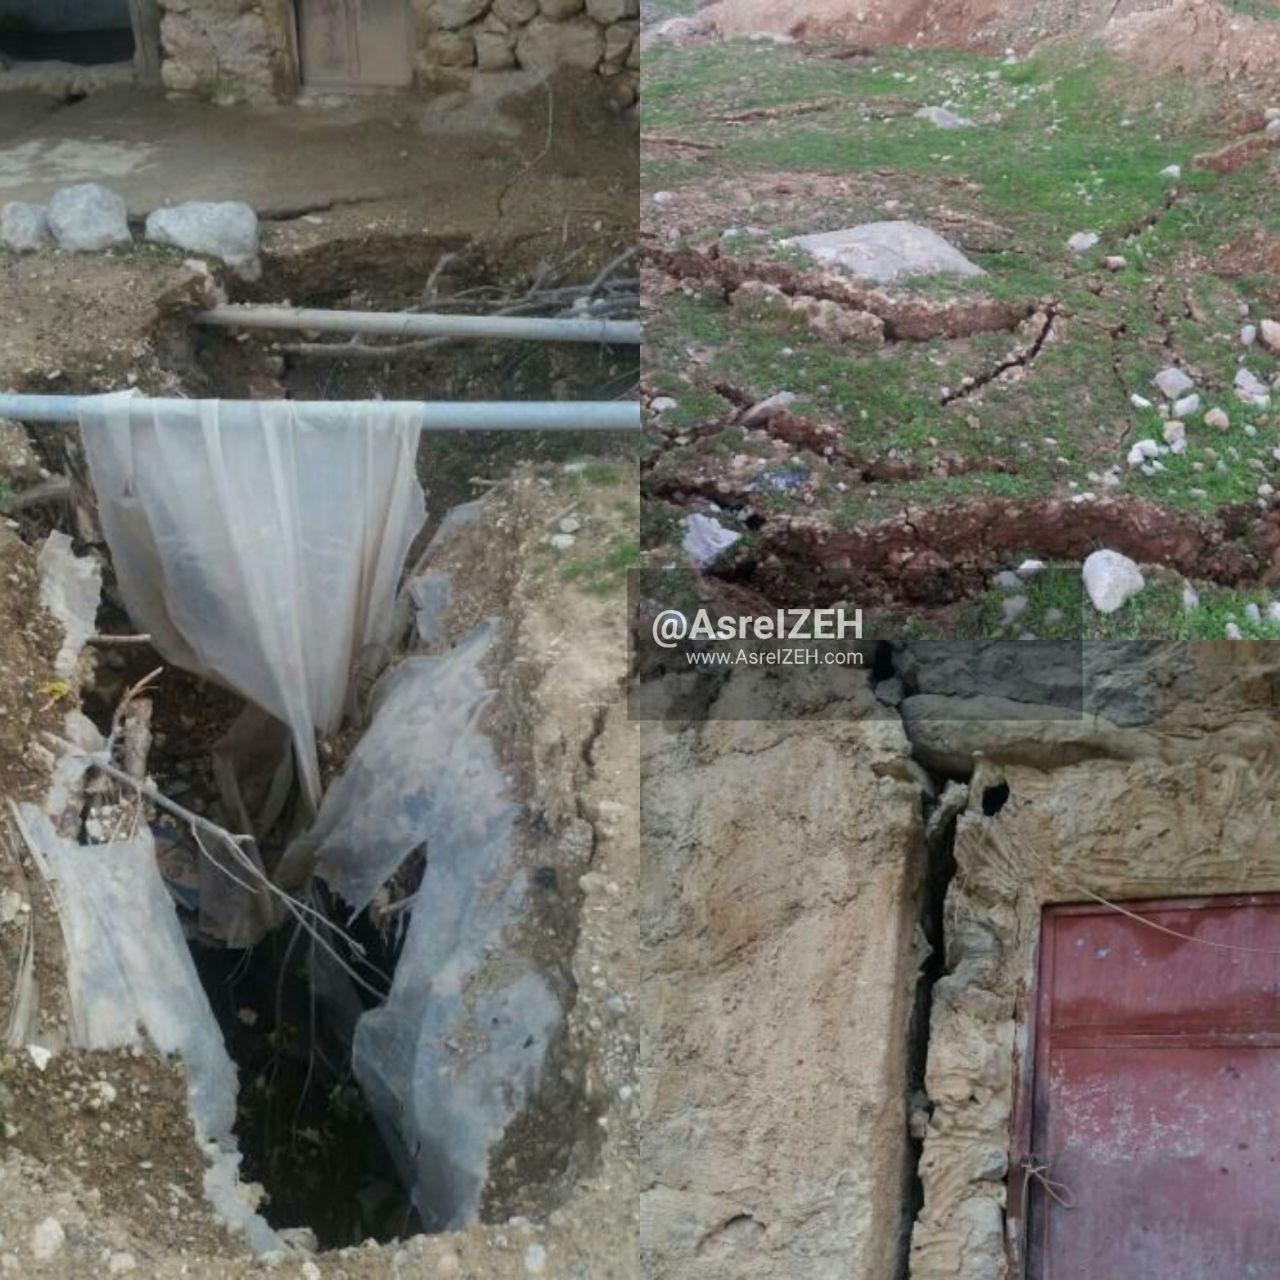 احتمال رانش زمین در روستای میراحمد دهدز/ لزوم انتقال فوری ساکنان به محل های امن